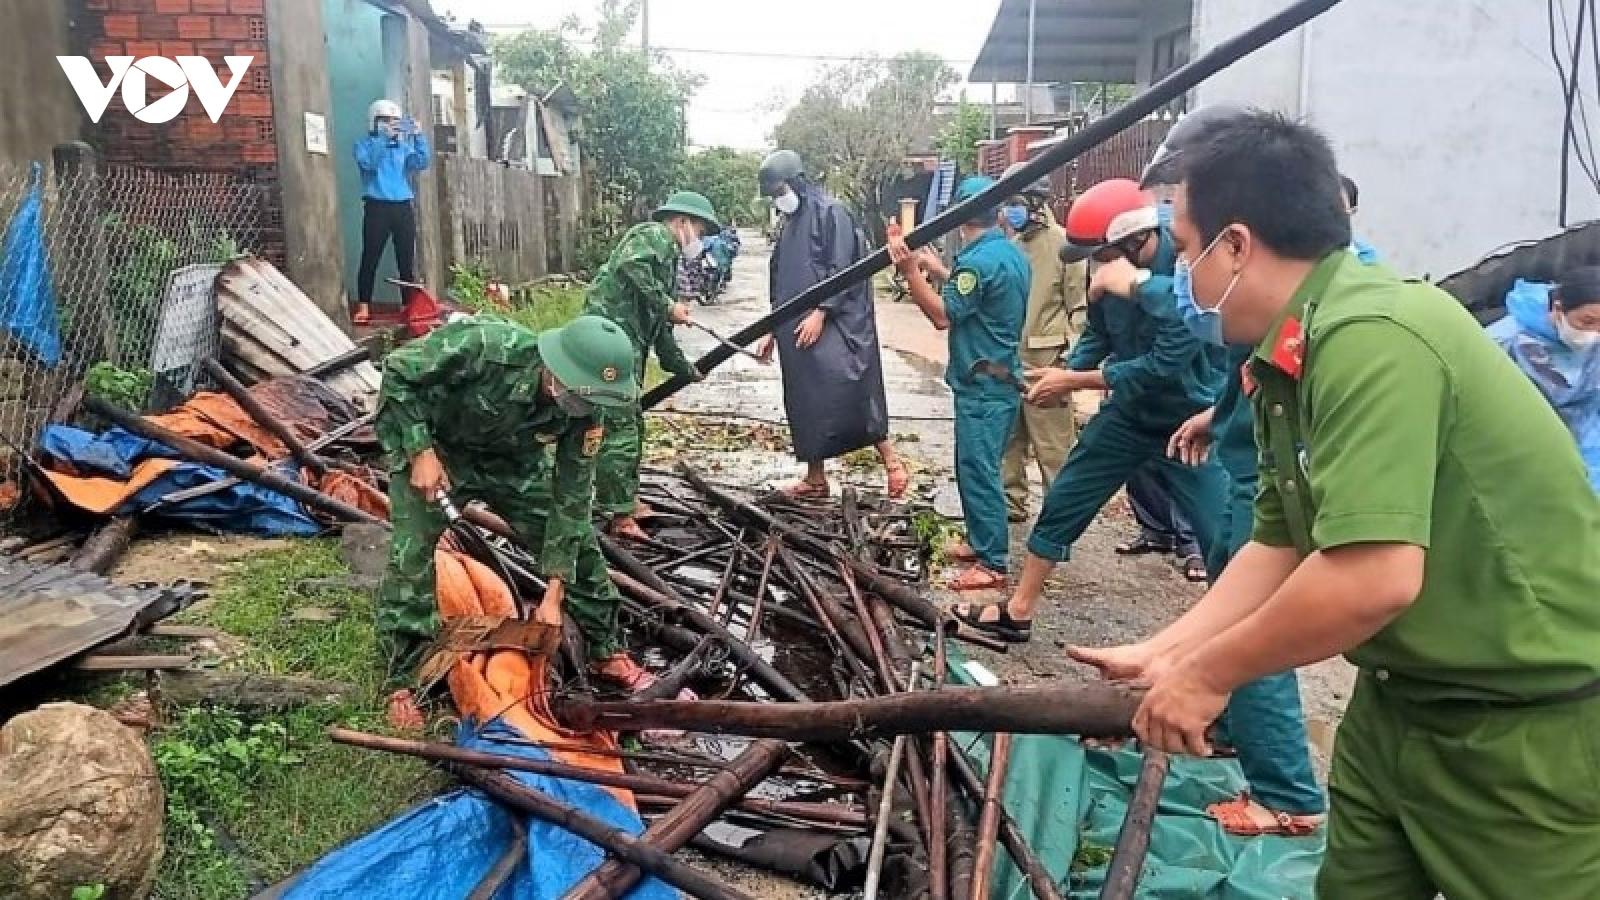 Hàng trăm cán bộ, chiến sĩ giúp dân sửa chữa nhà cửa do lốc xoáy